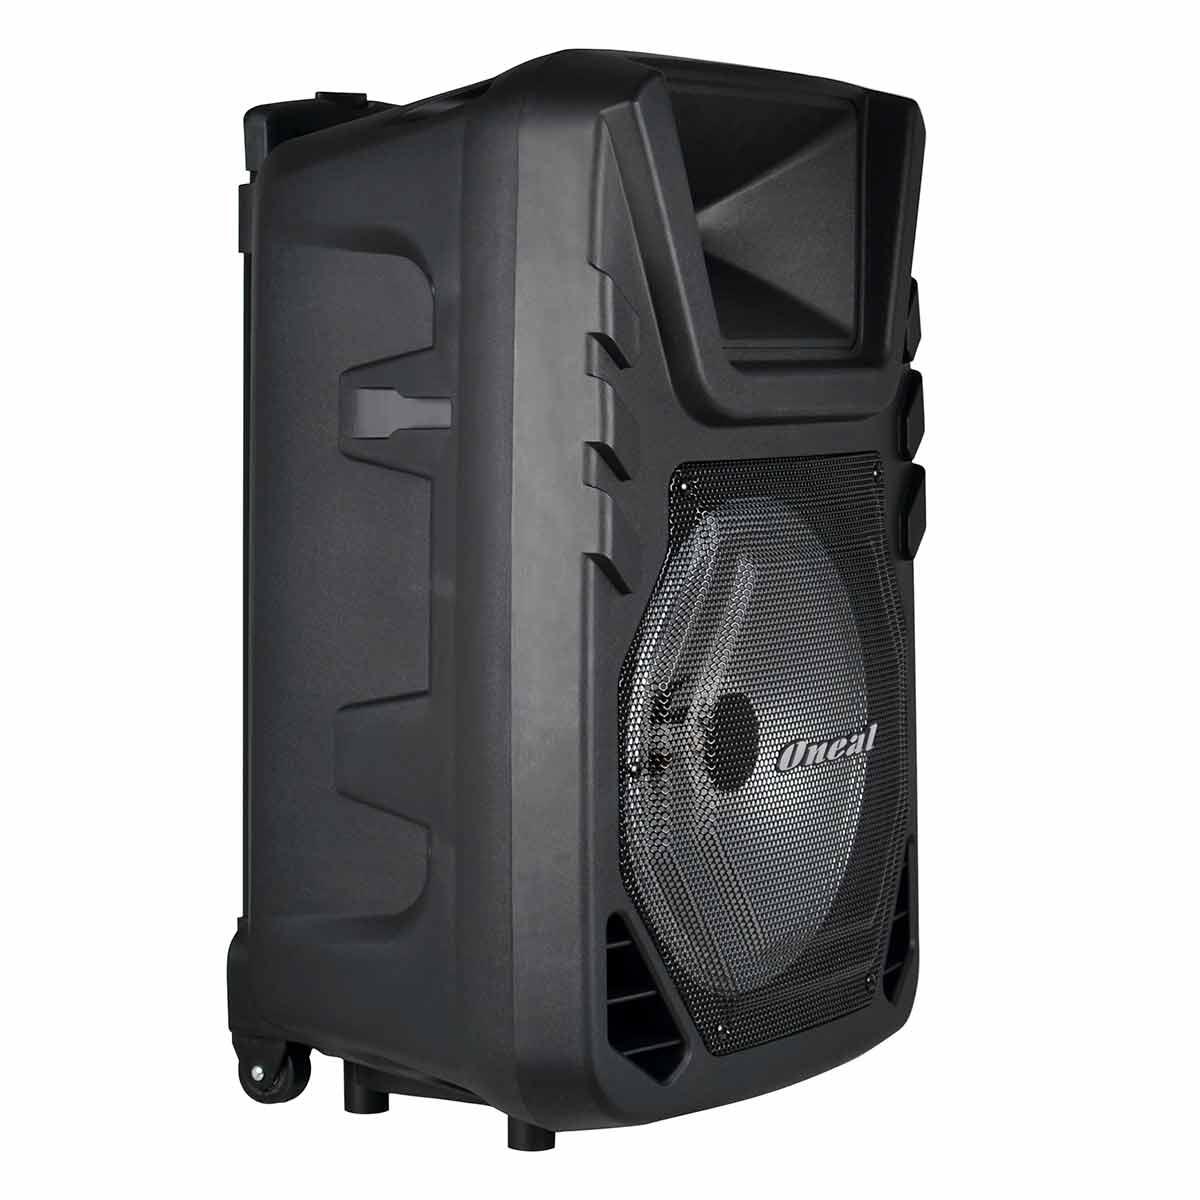 Caixa Portátil Fal 12 Pol 110W c/ USB / Bluetooth / Bateria - OMF 425 Oneal